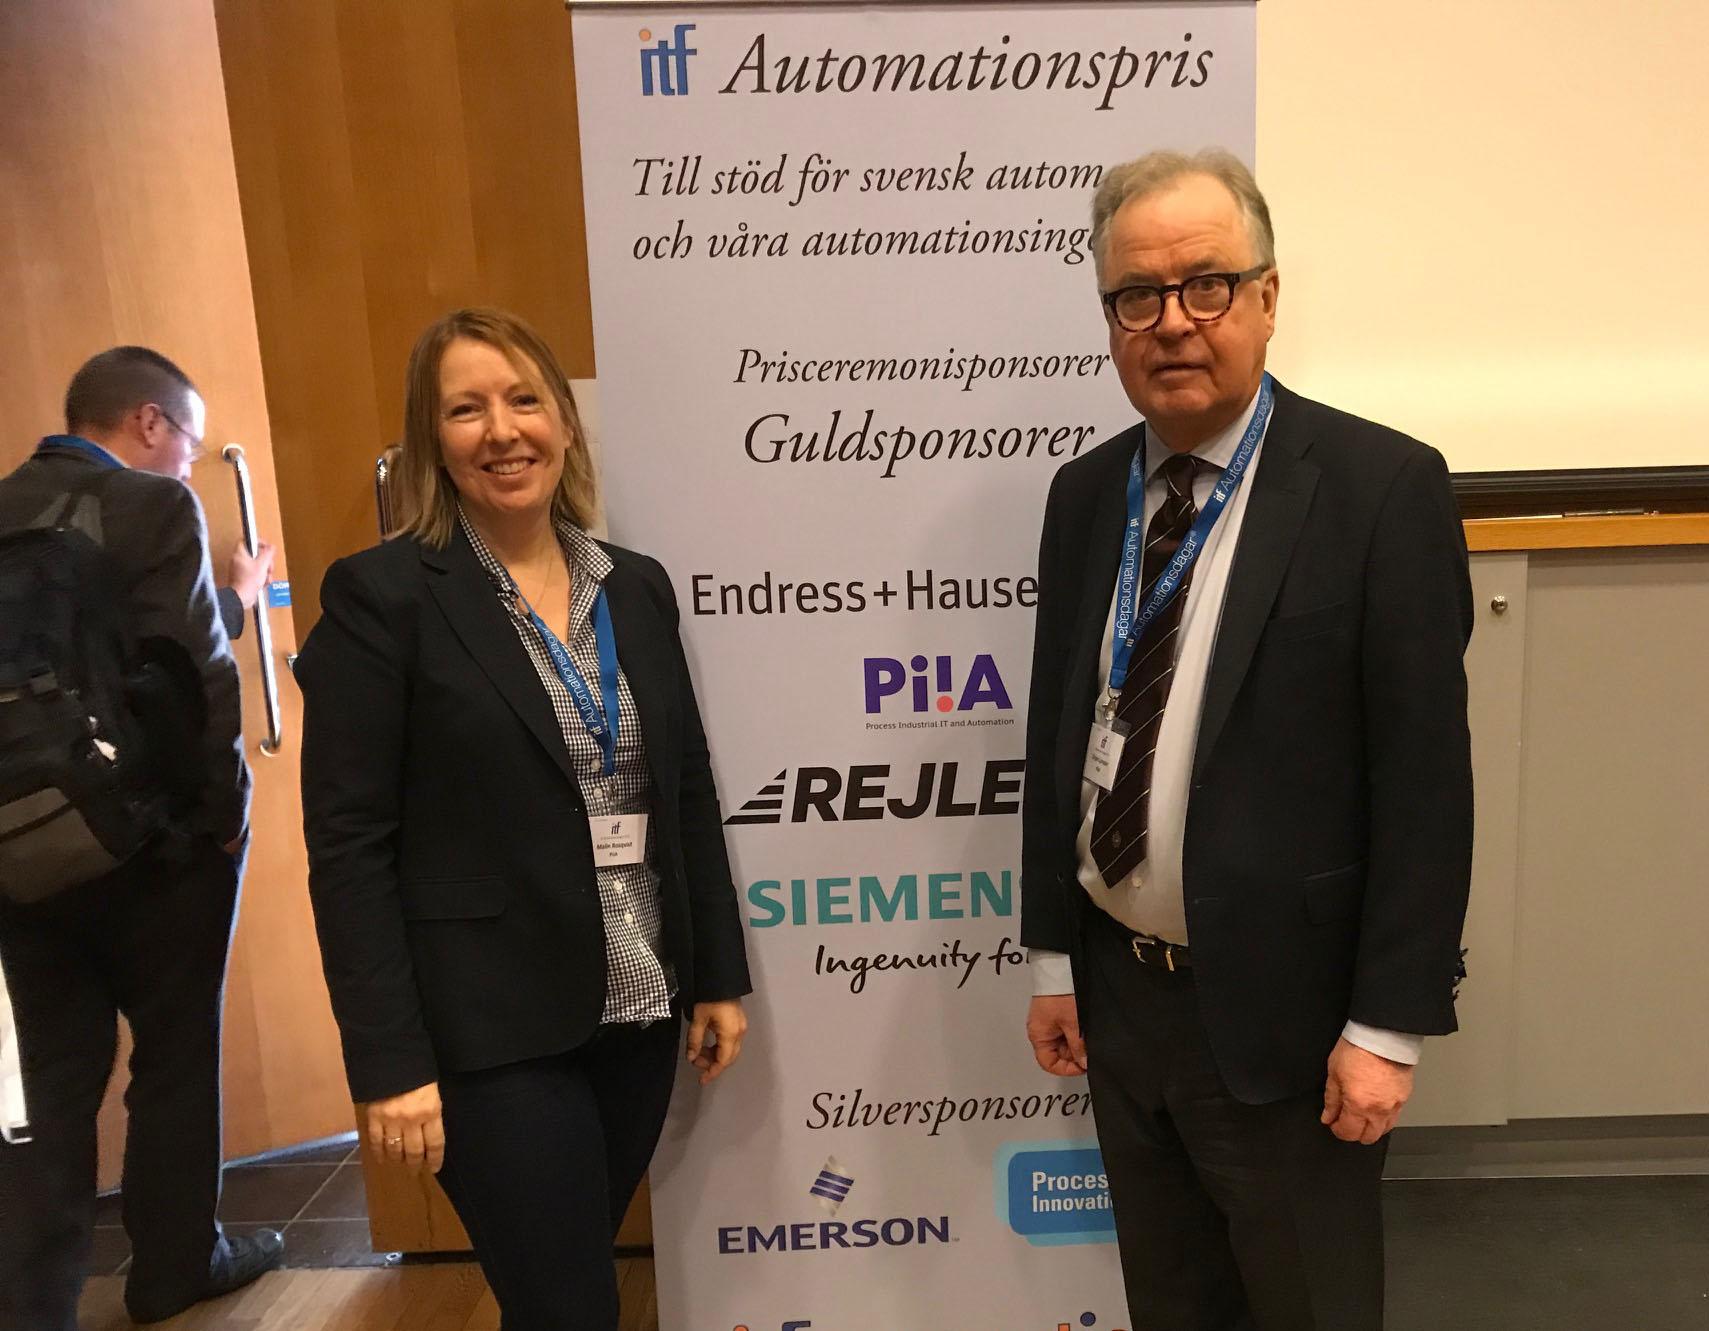 Malin Rosqvist och Örjan Larsson på gårdagens ITF Automationsdagar.